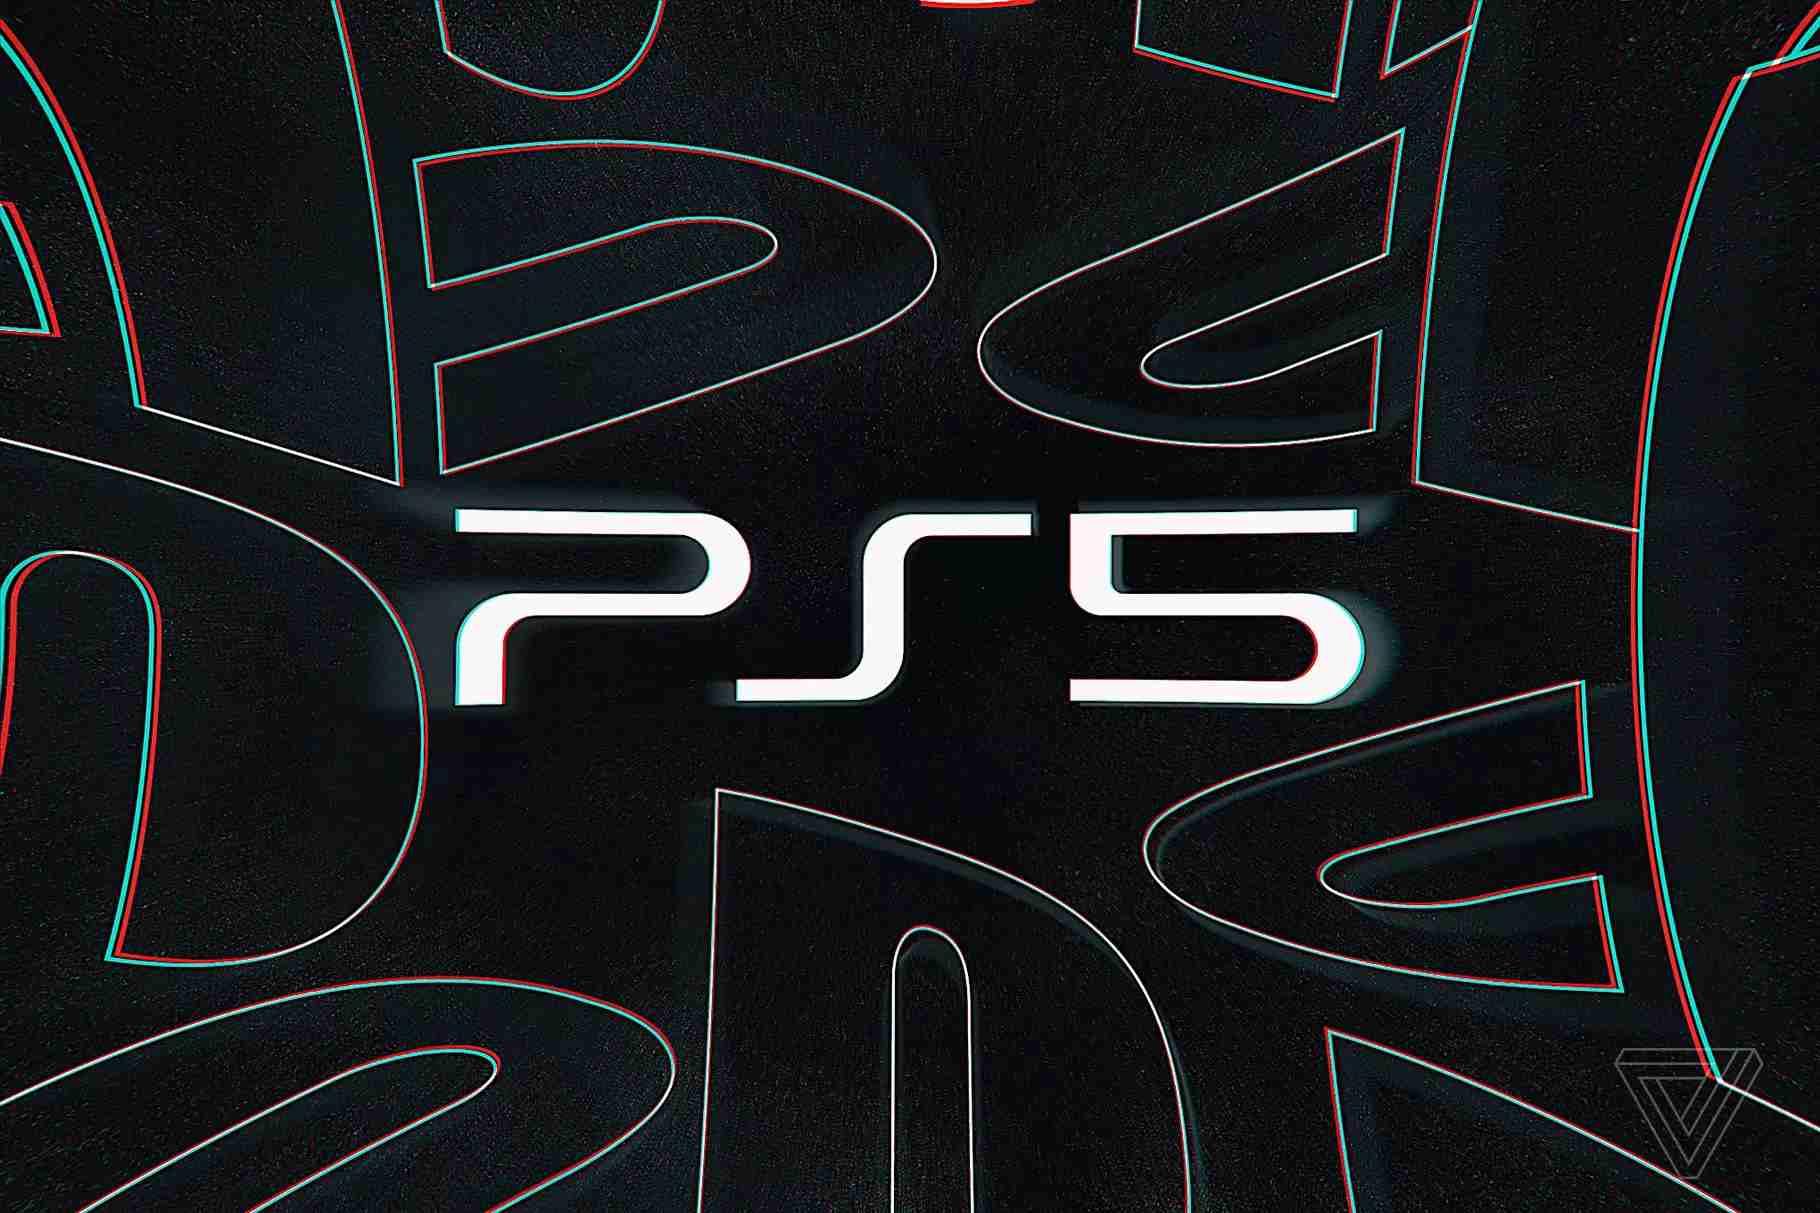 Sony, PS5 ön sipariş karmaşasından dolayı özür diliyor ve 'önümüzdeki birkaç gün içinde' daha fazla stok vaat ediyor